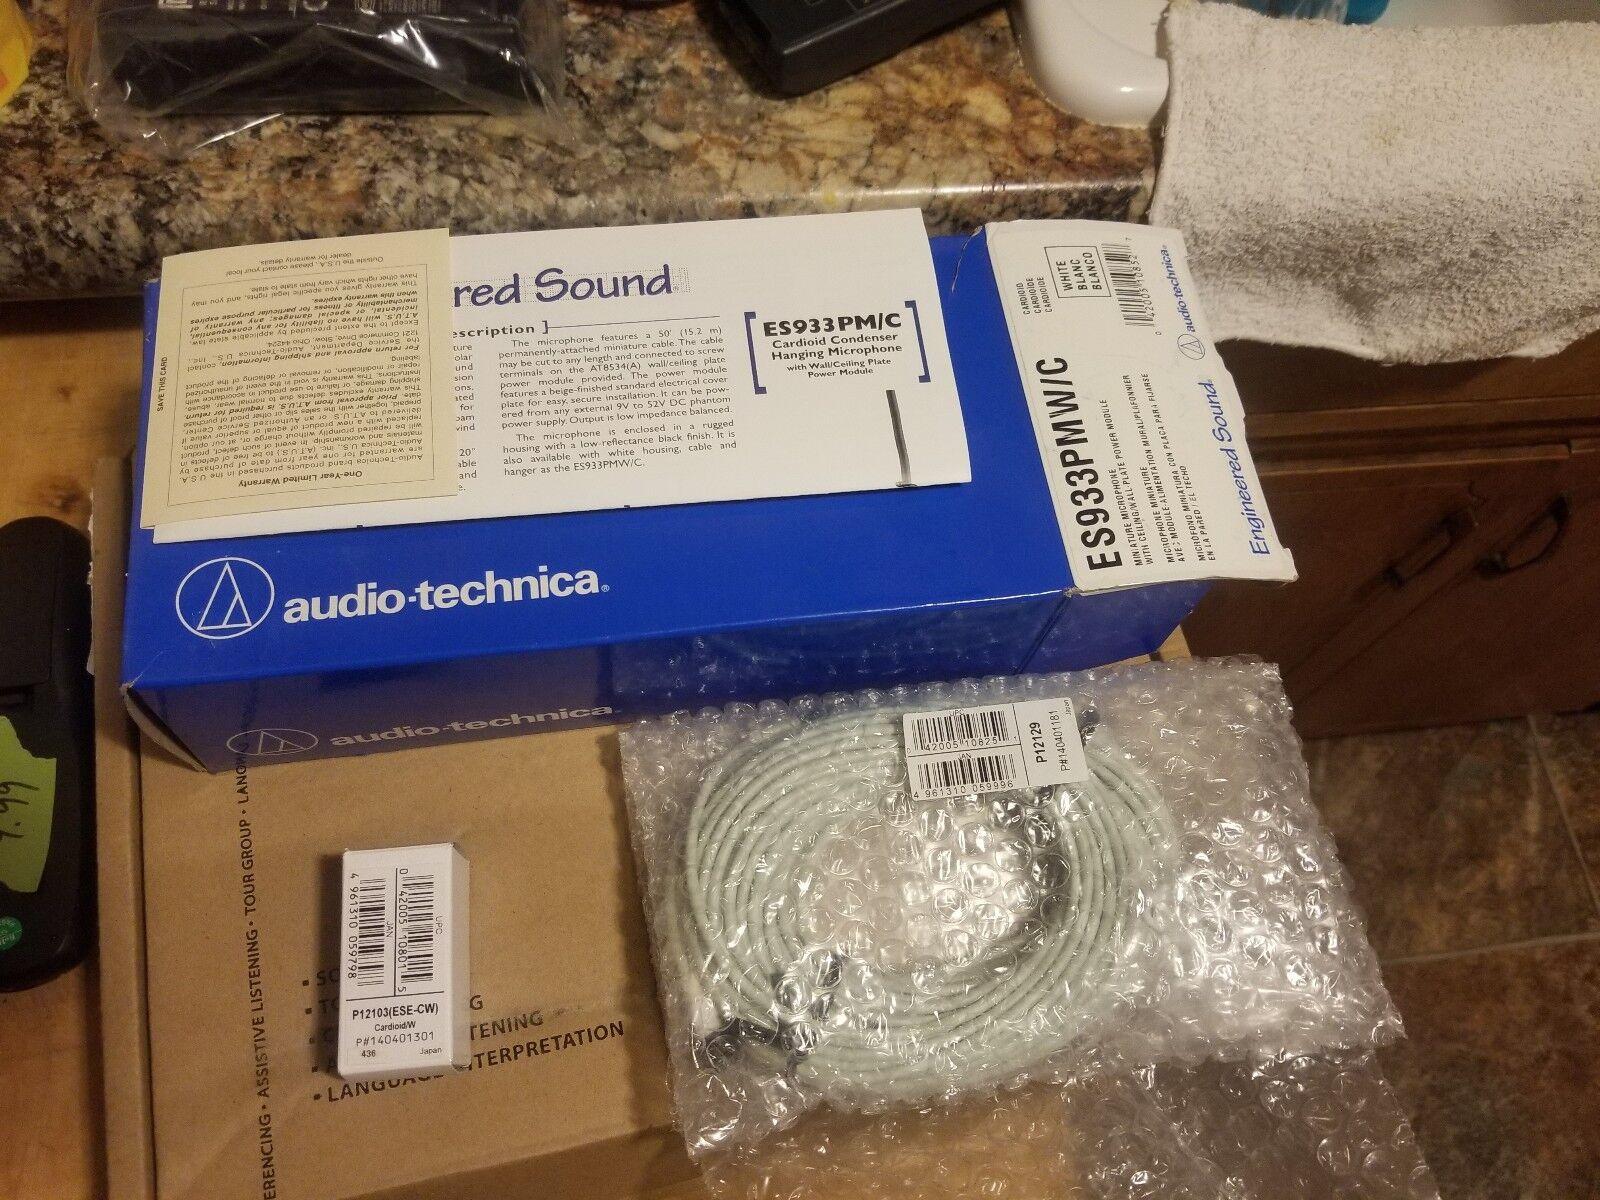 Audio Technica Hanging Microphone ES933PM C Cardioid Condenser